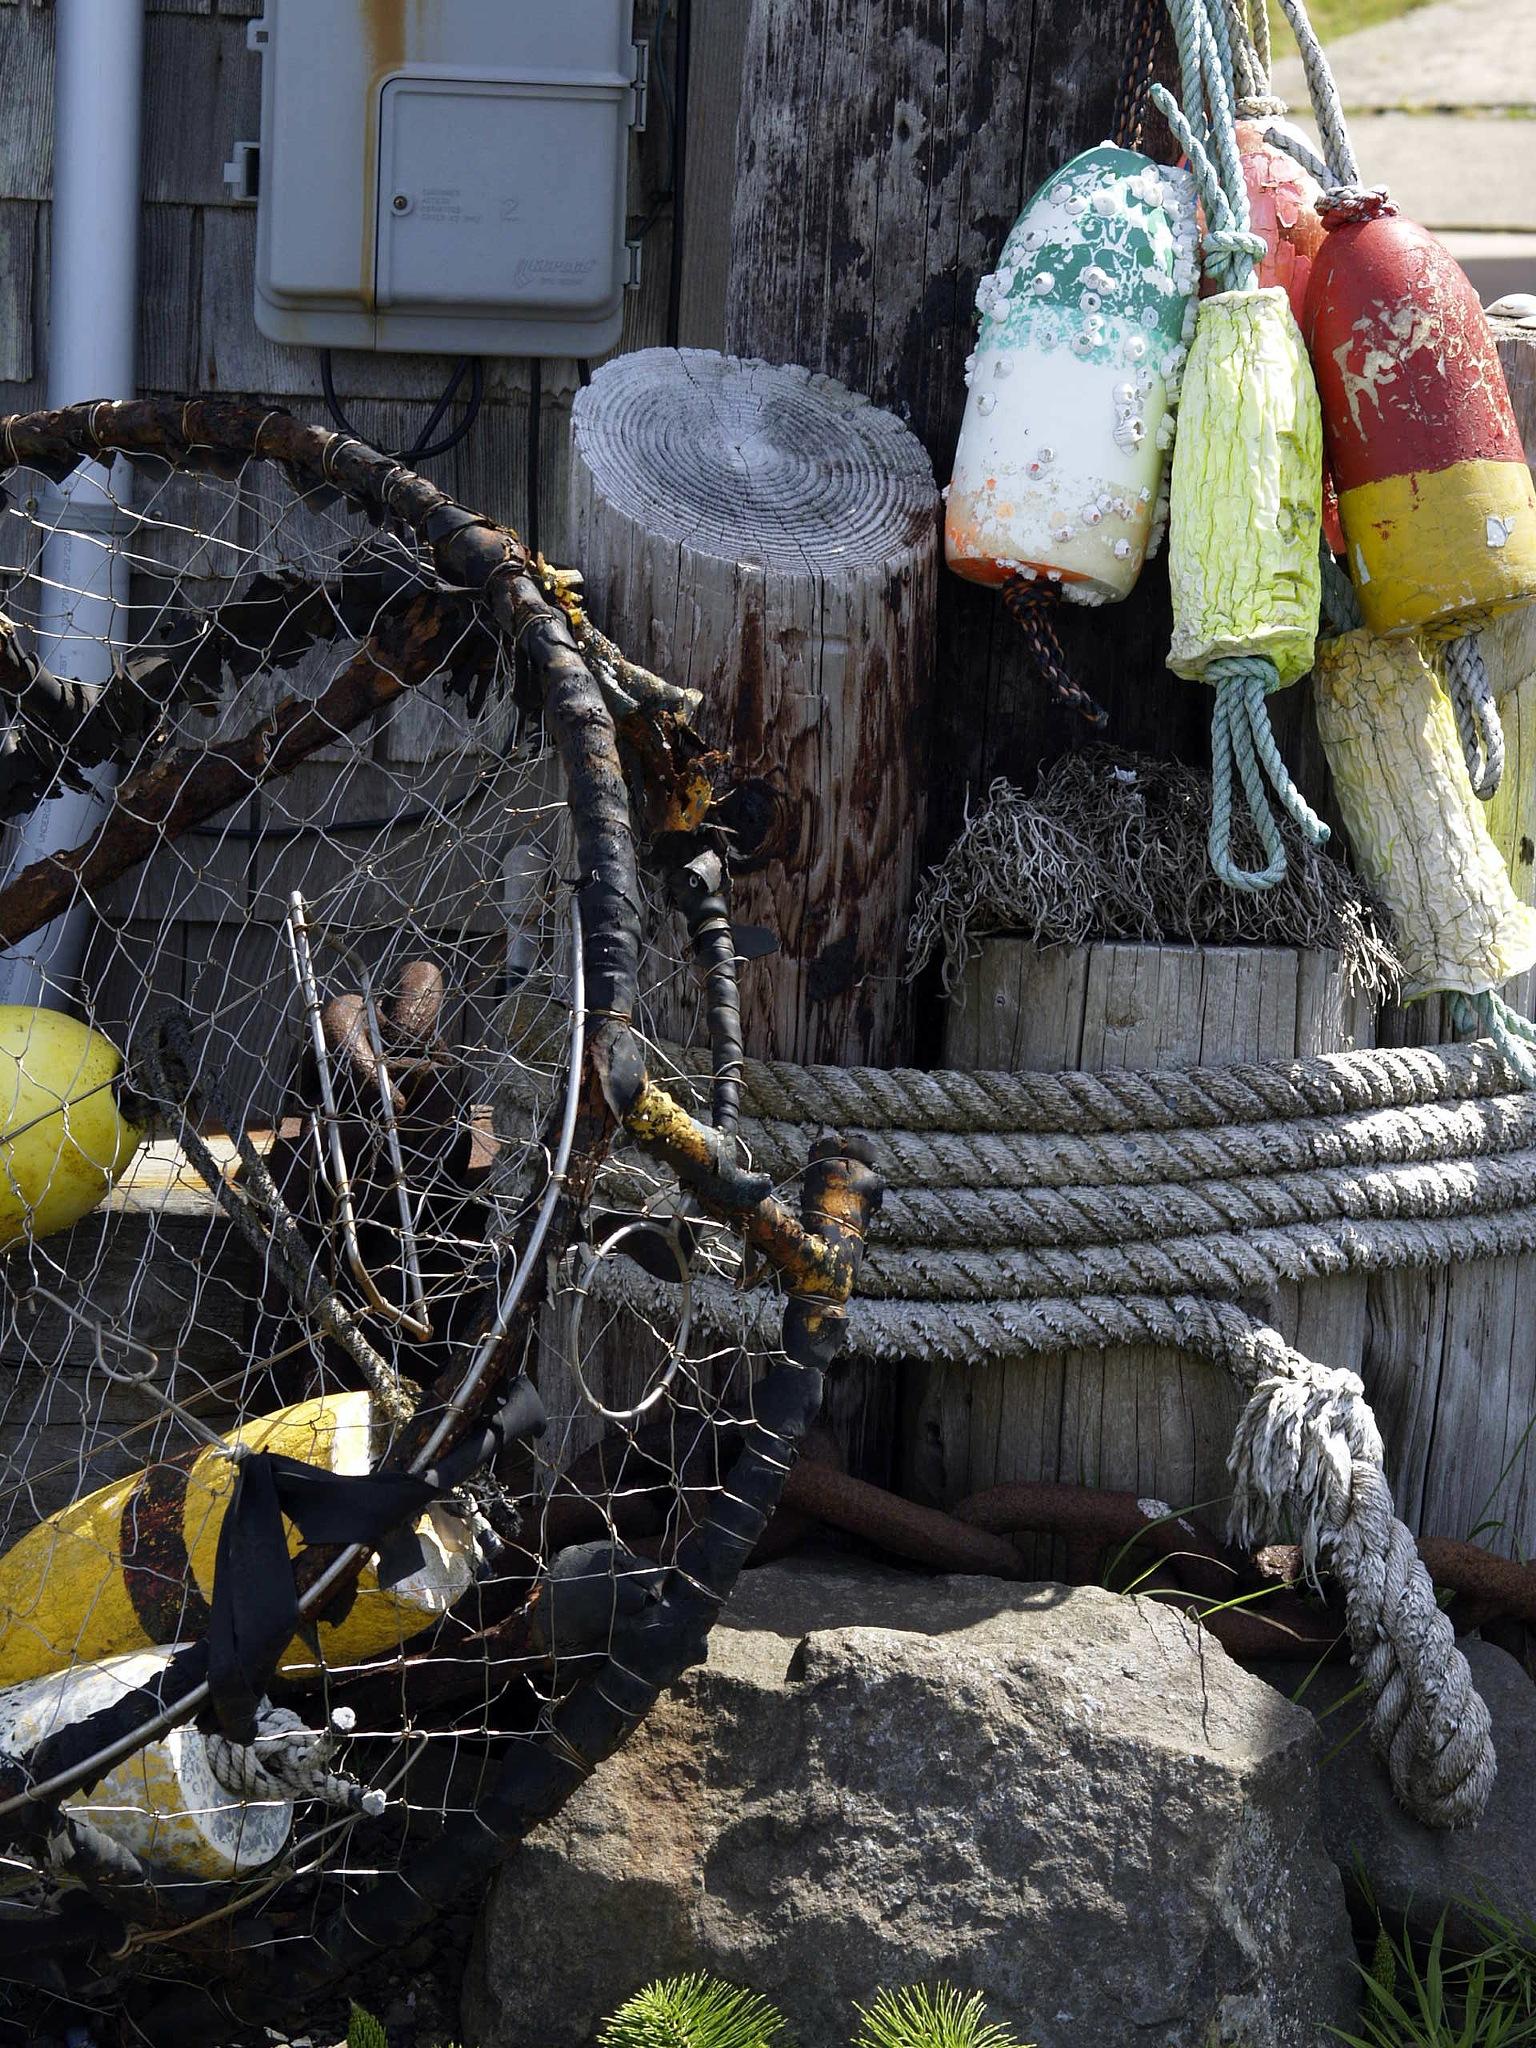 Maritime Still life by Brigitte Werner